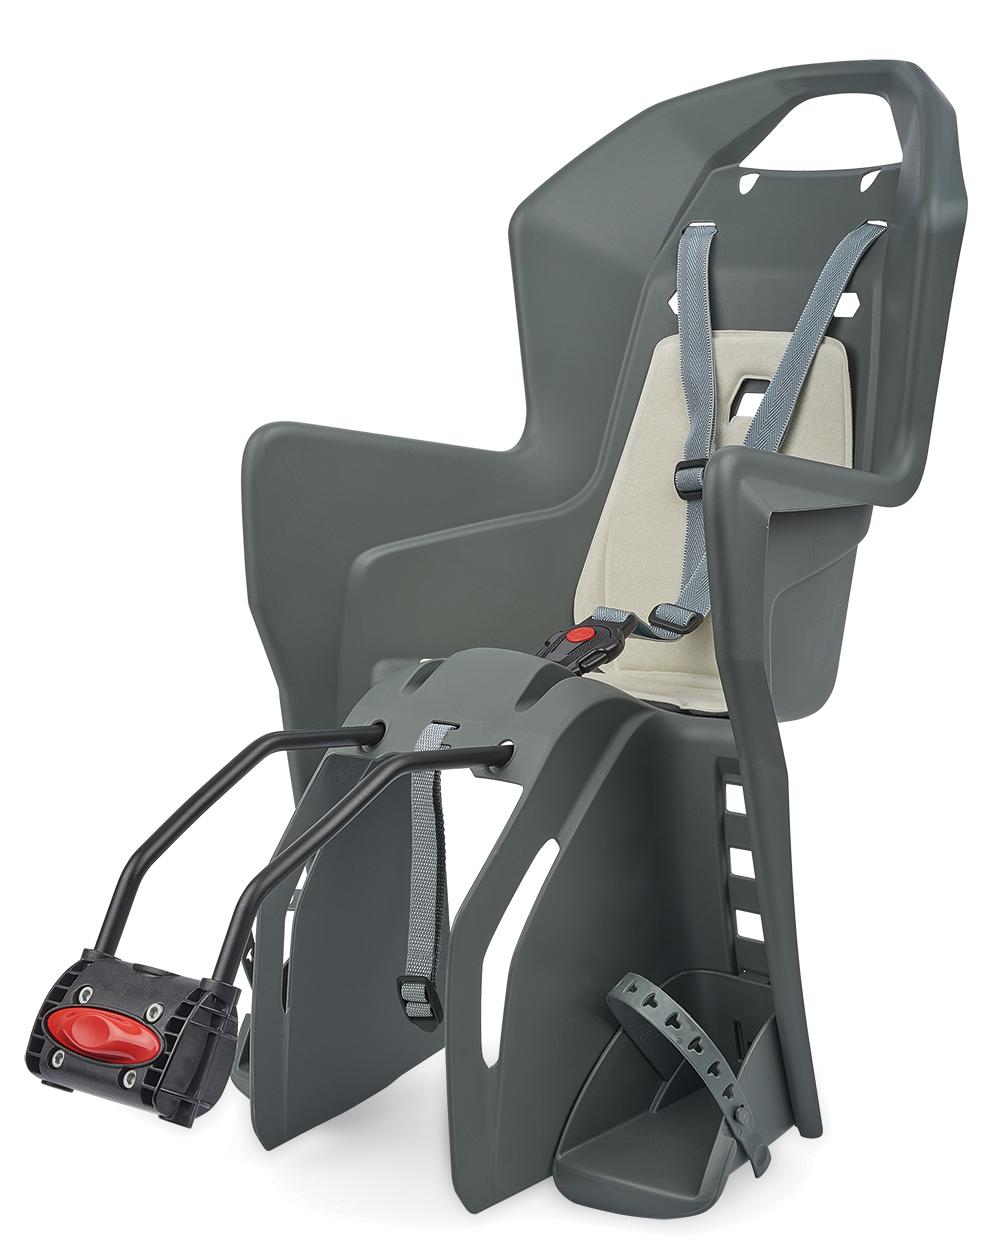 Sjedalo za dj. stražnje KOOLAH na ramu Charcoal Grey/Cream Polisport